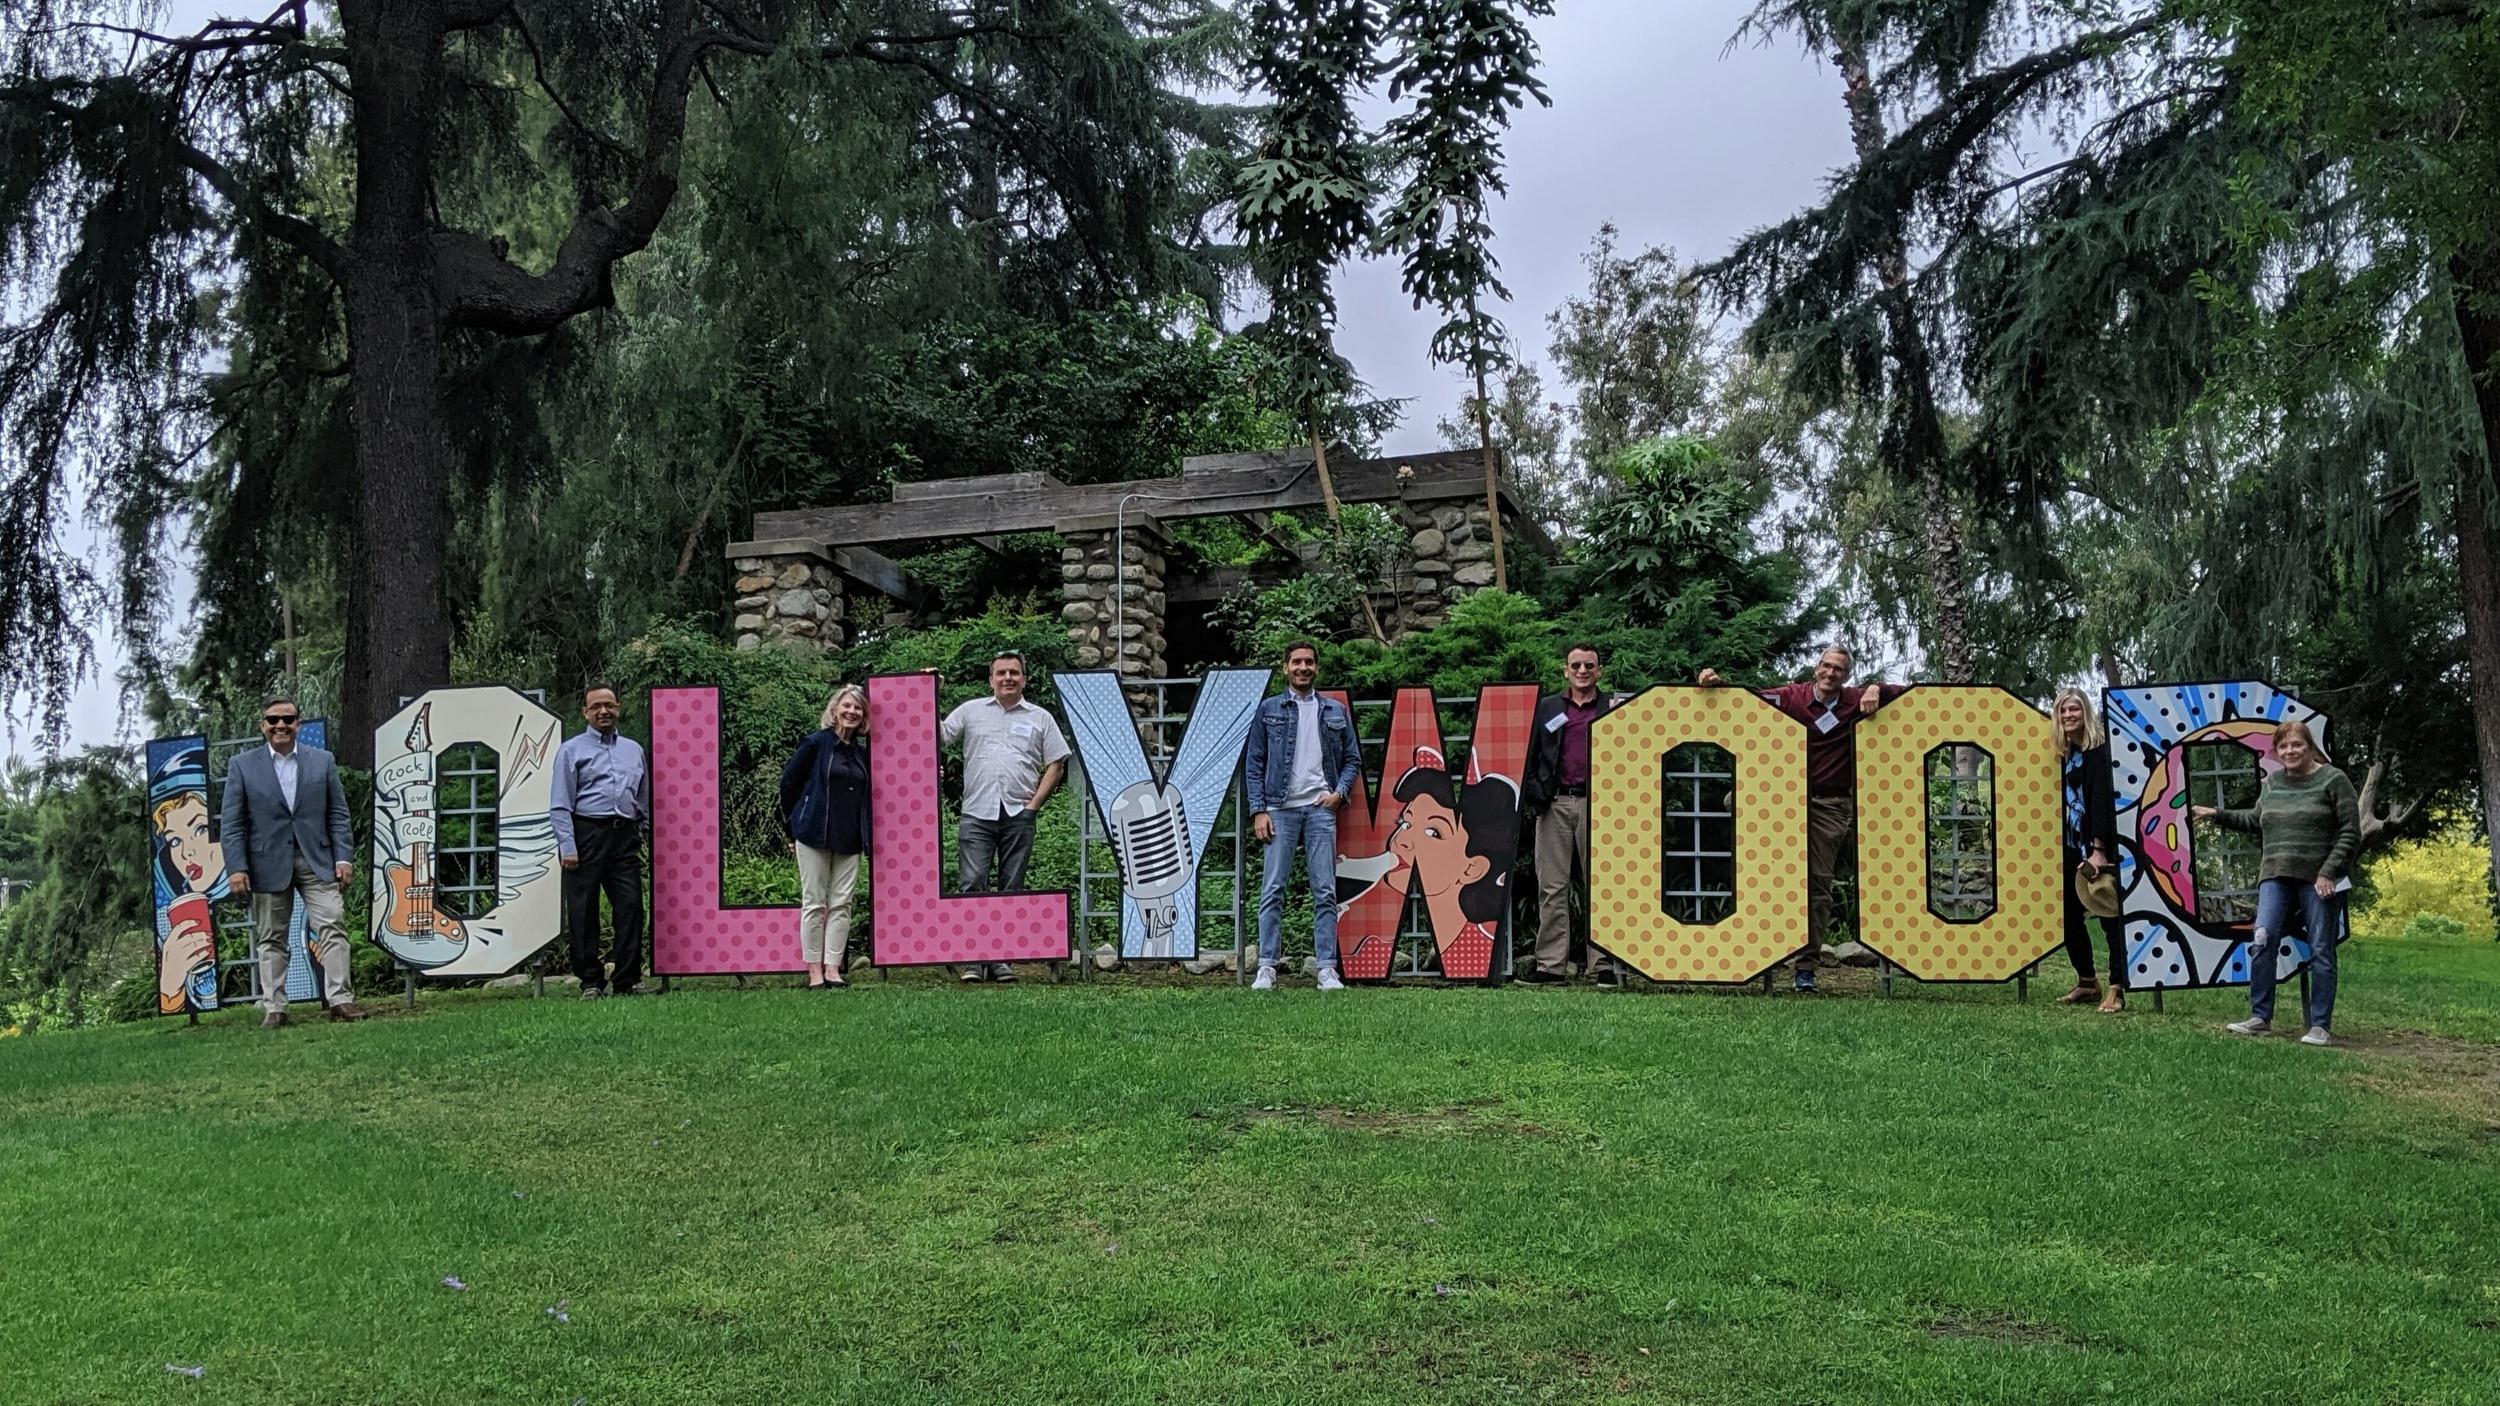 Fairplex+Hollywood.jpg